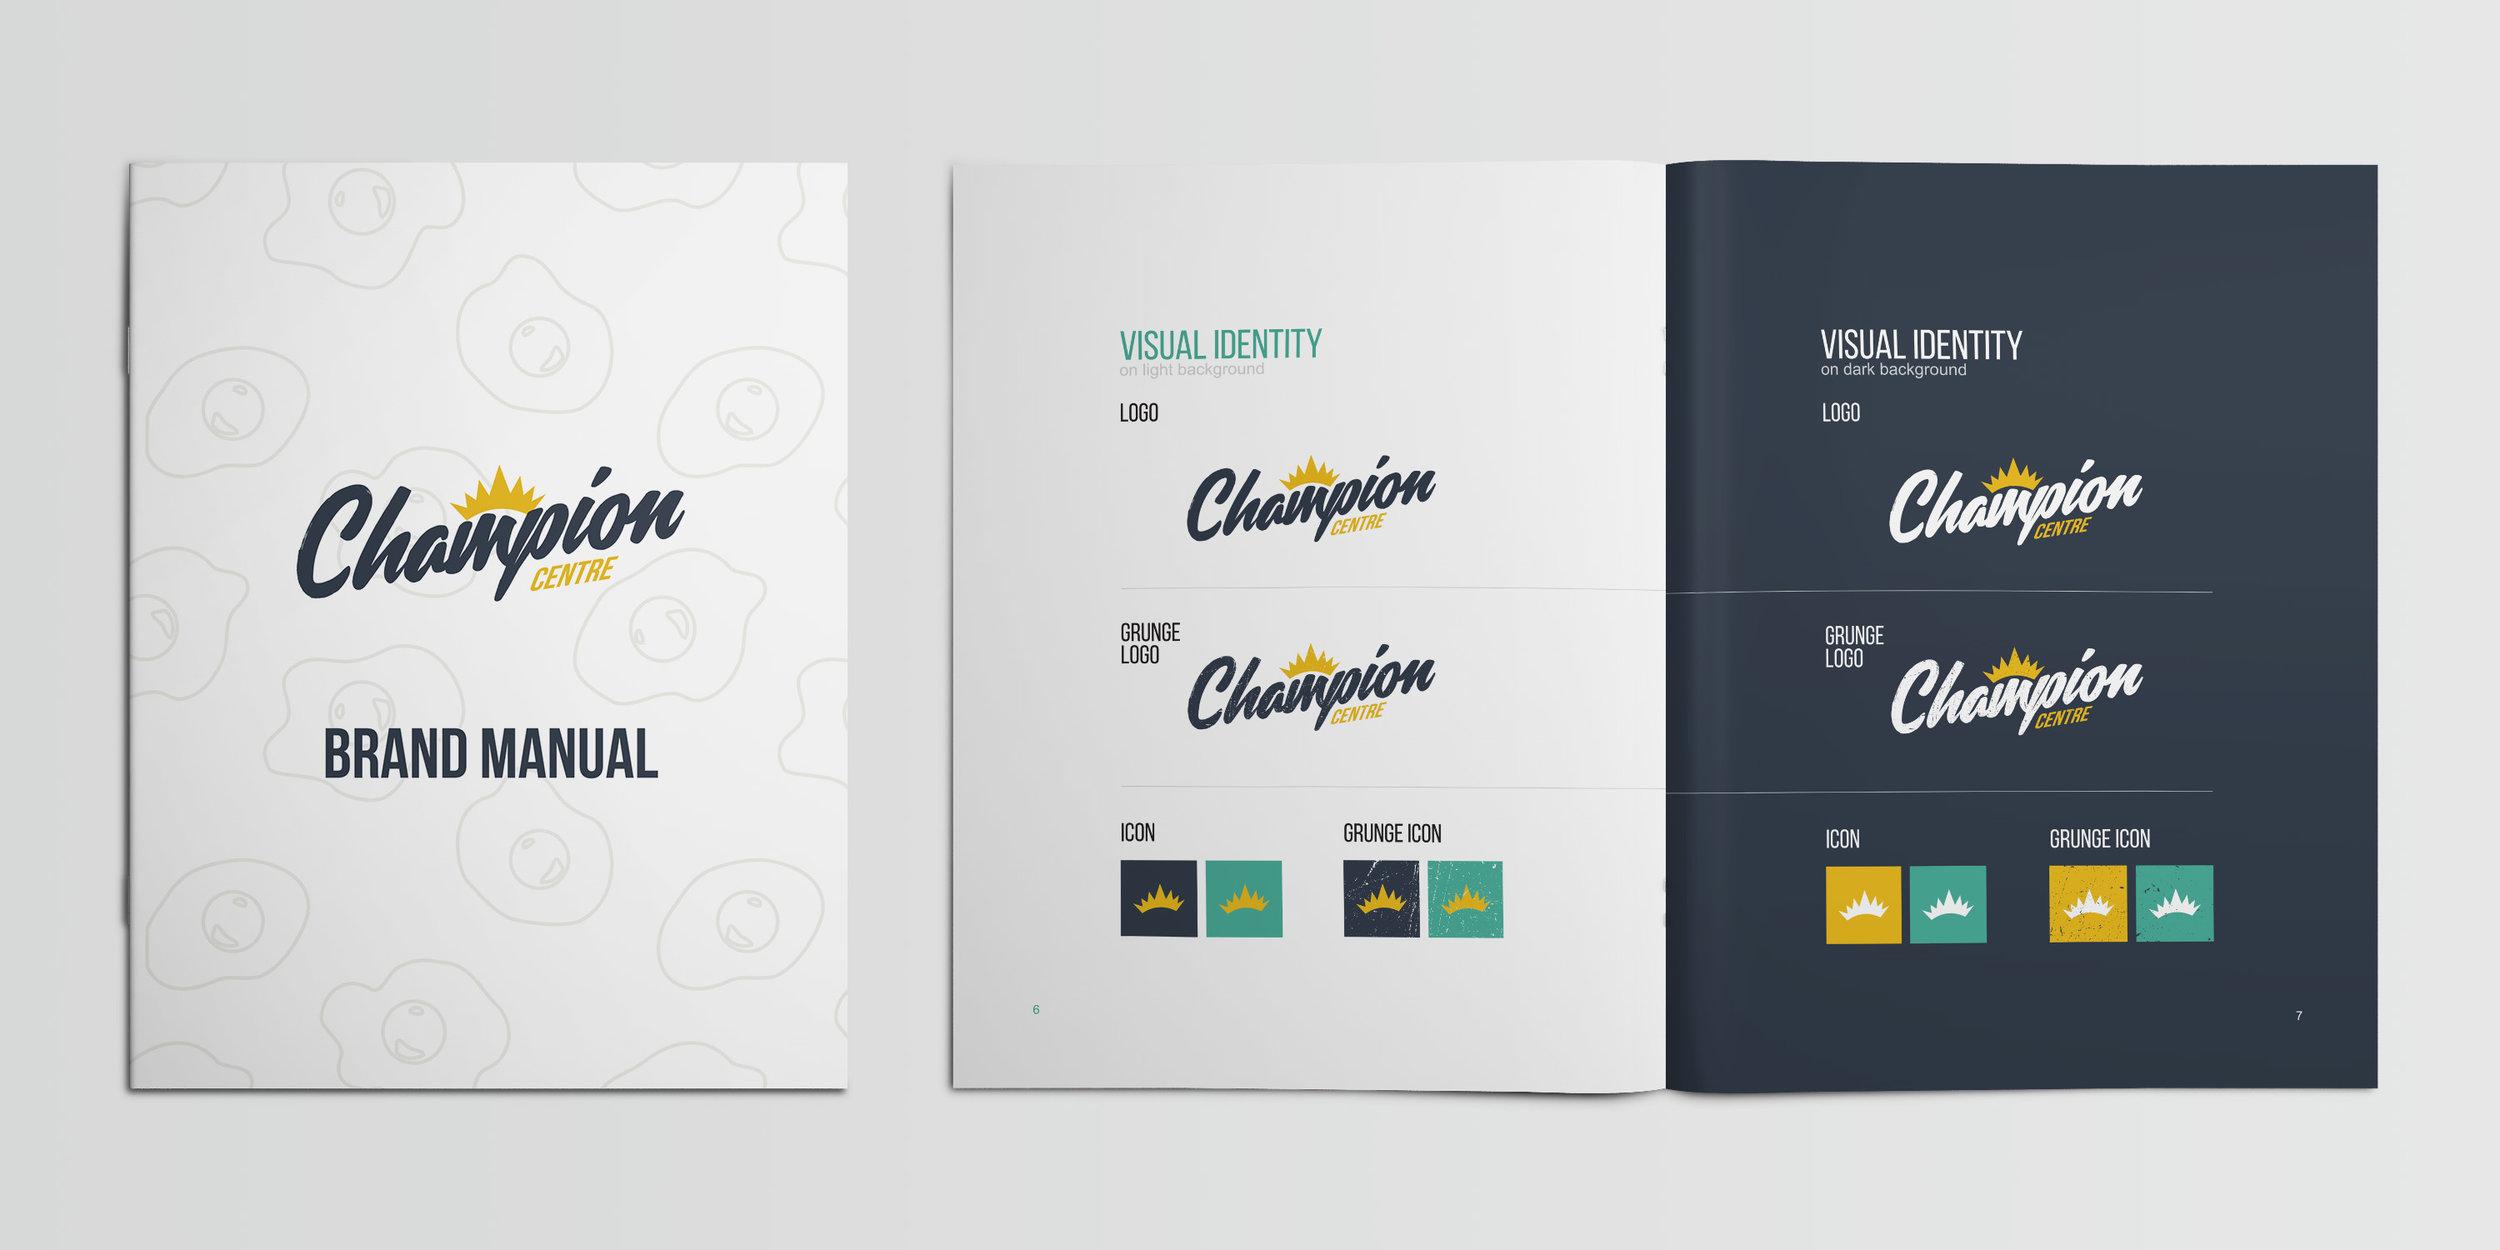 Flagfive_BrandManual_ChampionCentre.jpg